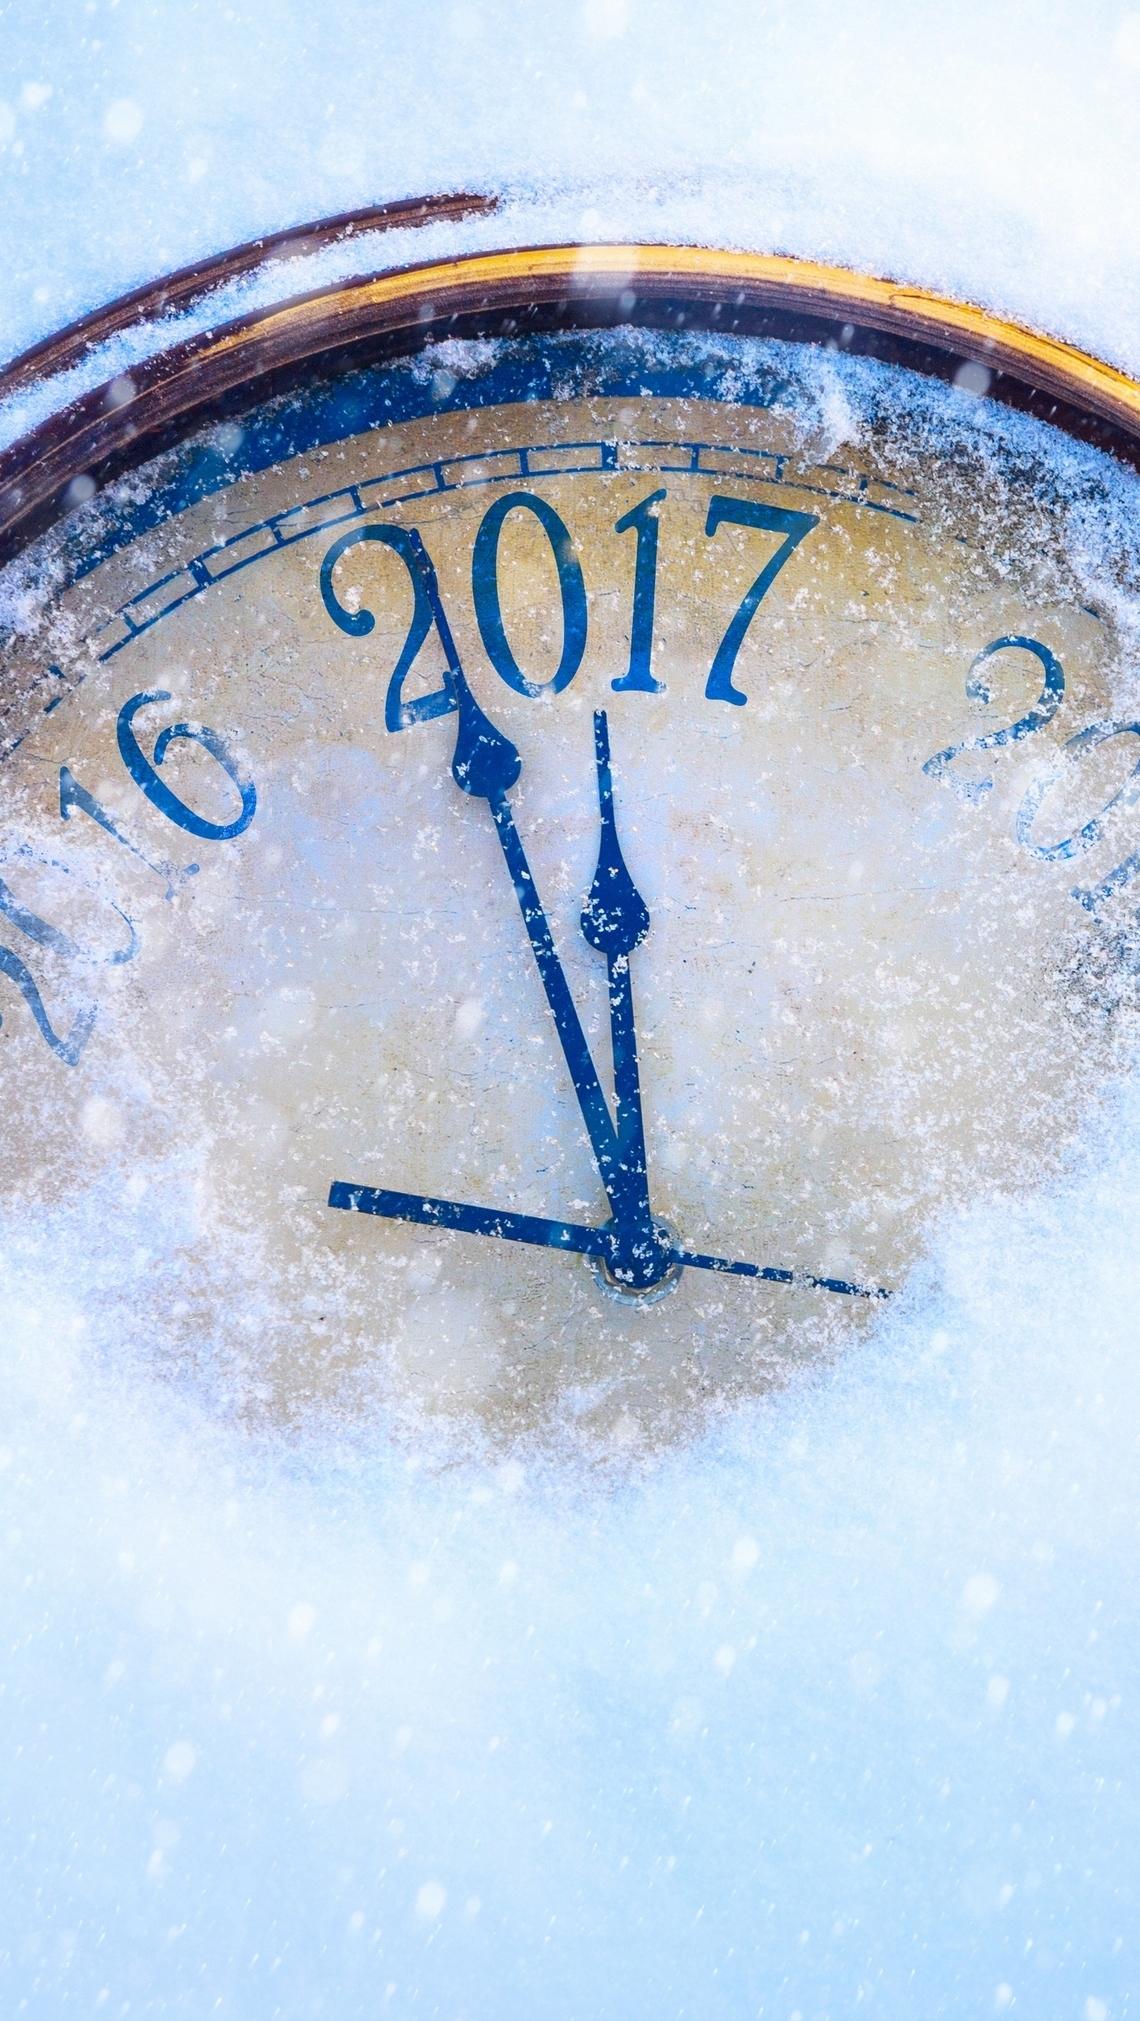 Jeszcze chwila i nowy rok się zaczyna